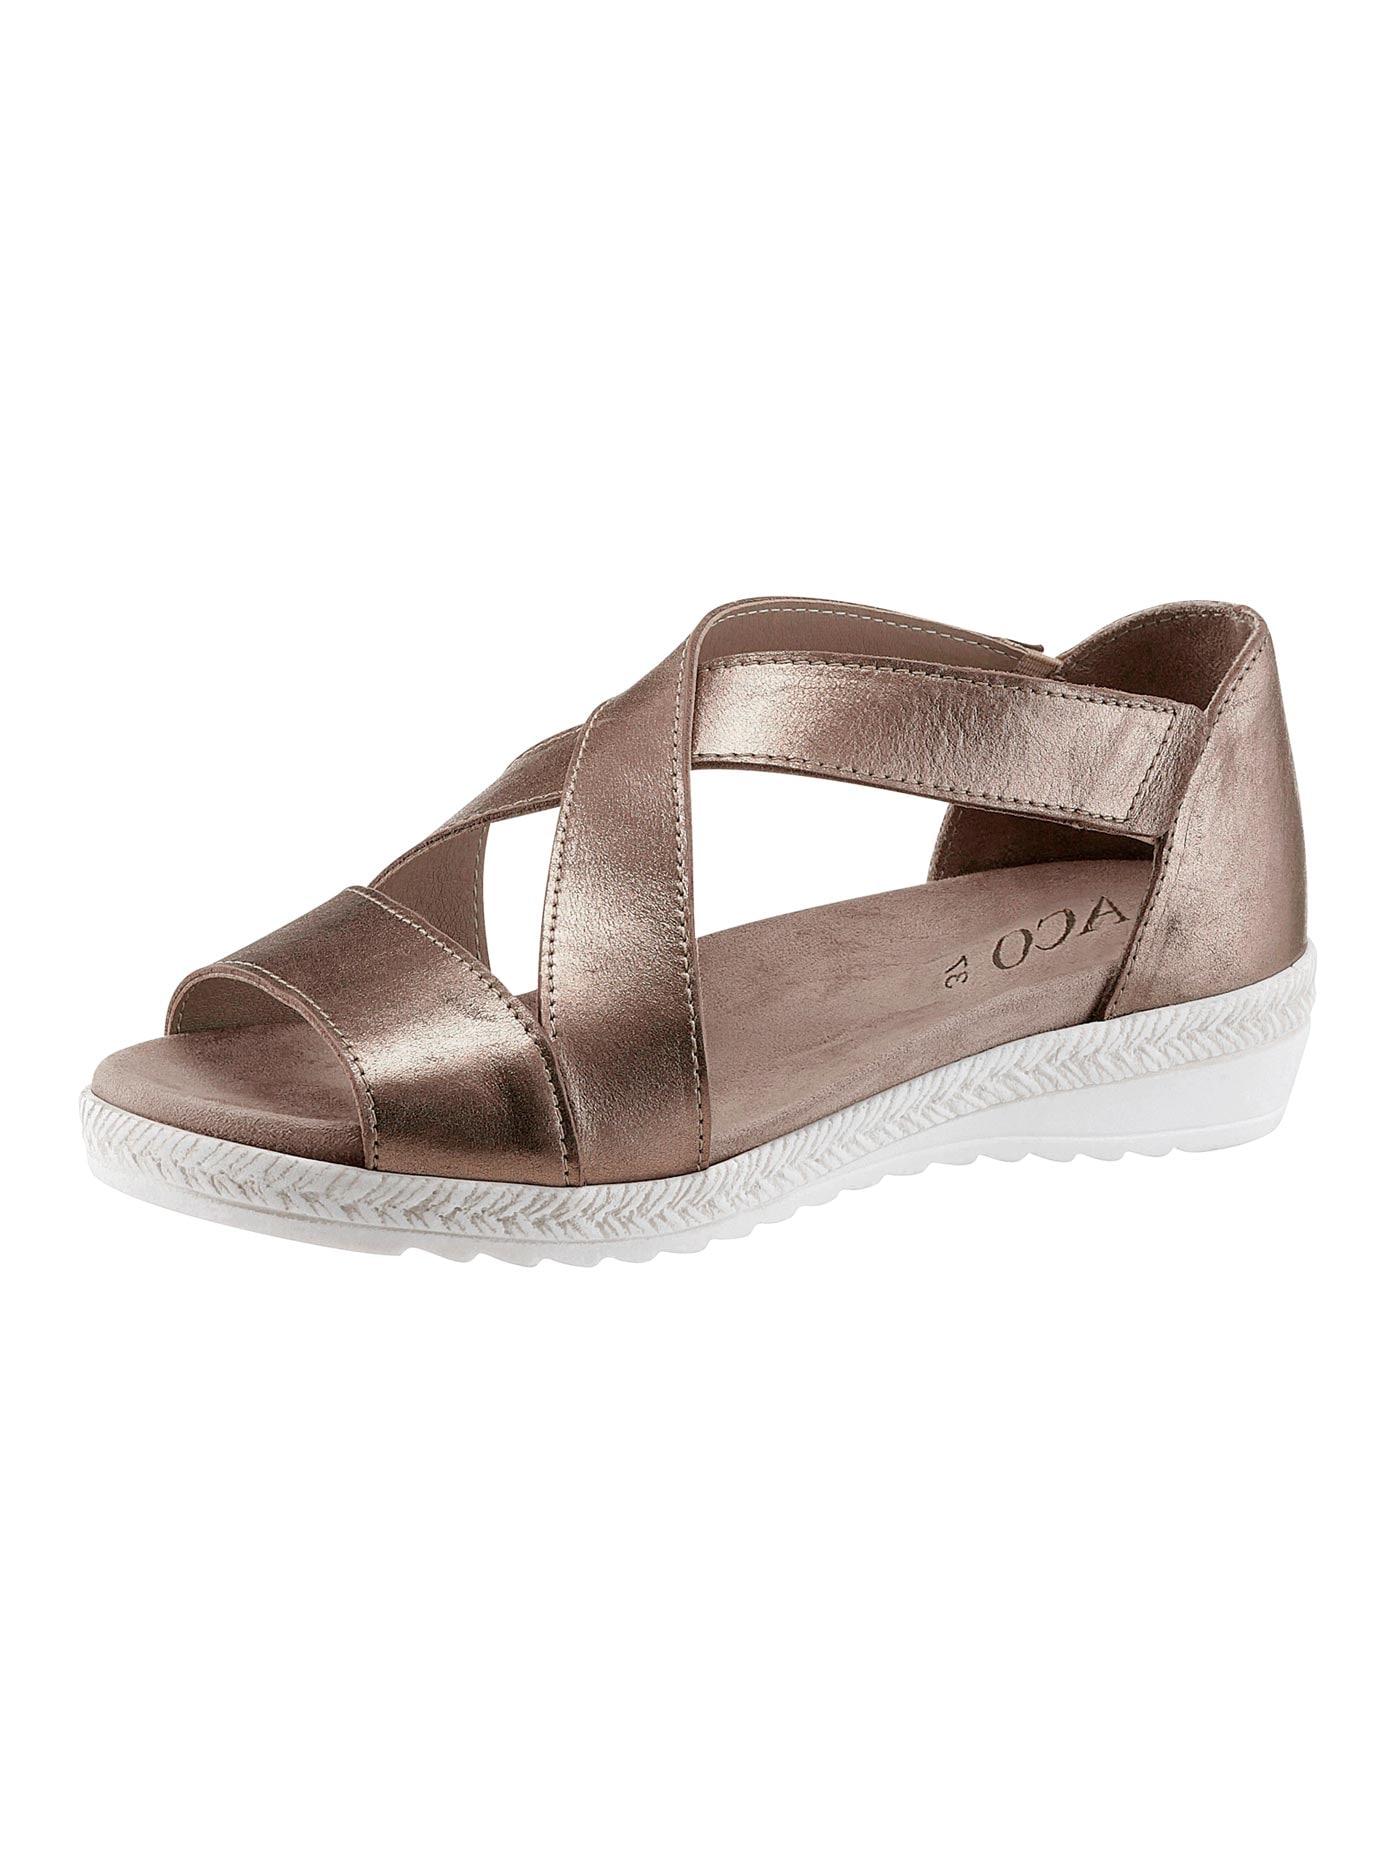 Aco Sandalette braun Damen Sandaletten Sandalen